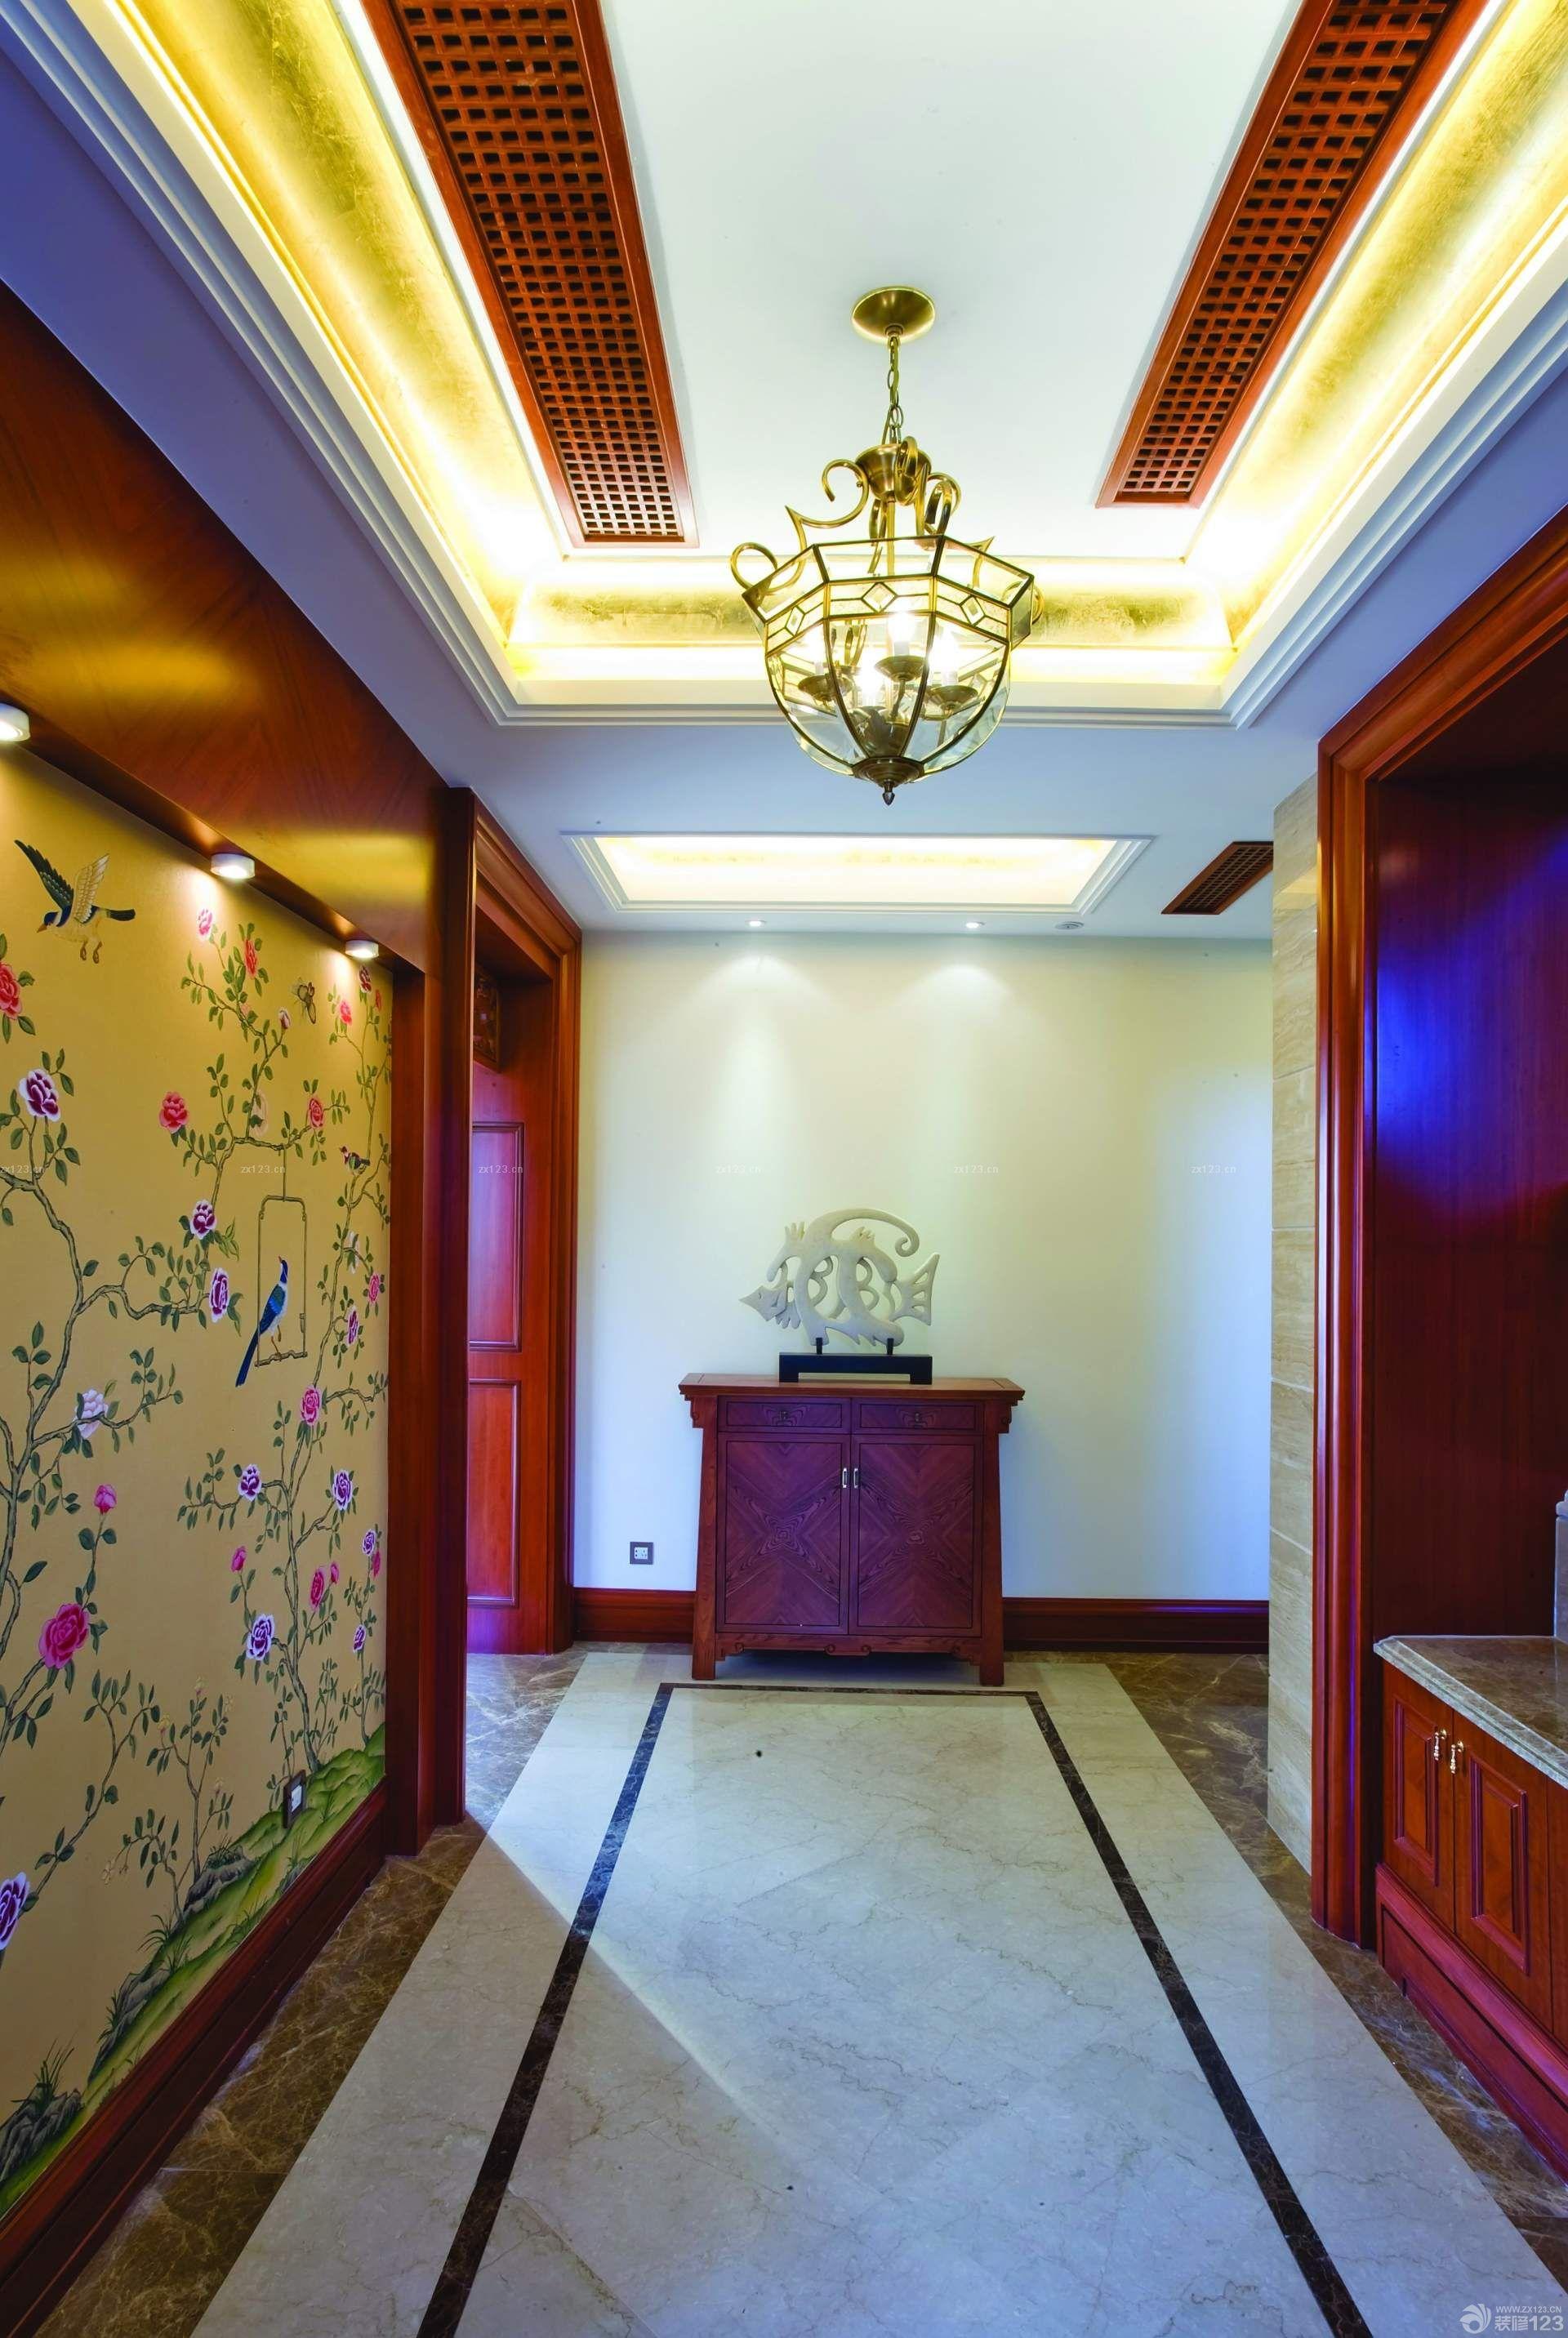 Trần thạch cao trang nhã cho khách sạn, nhà hàng